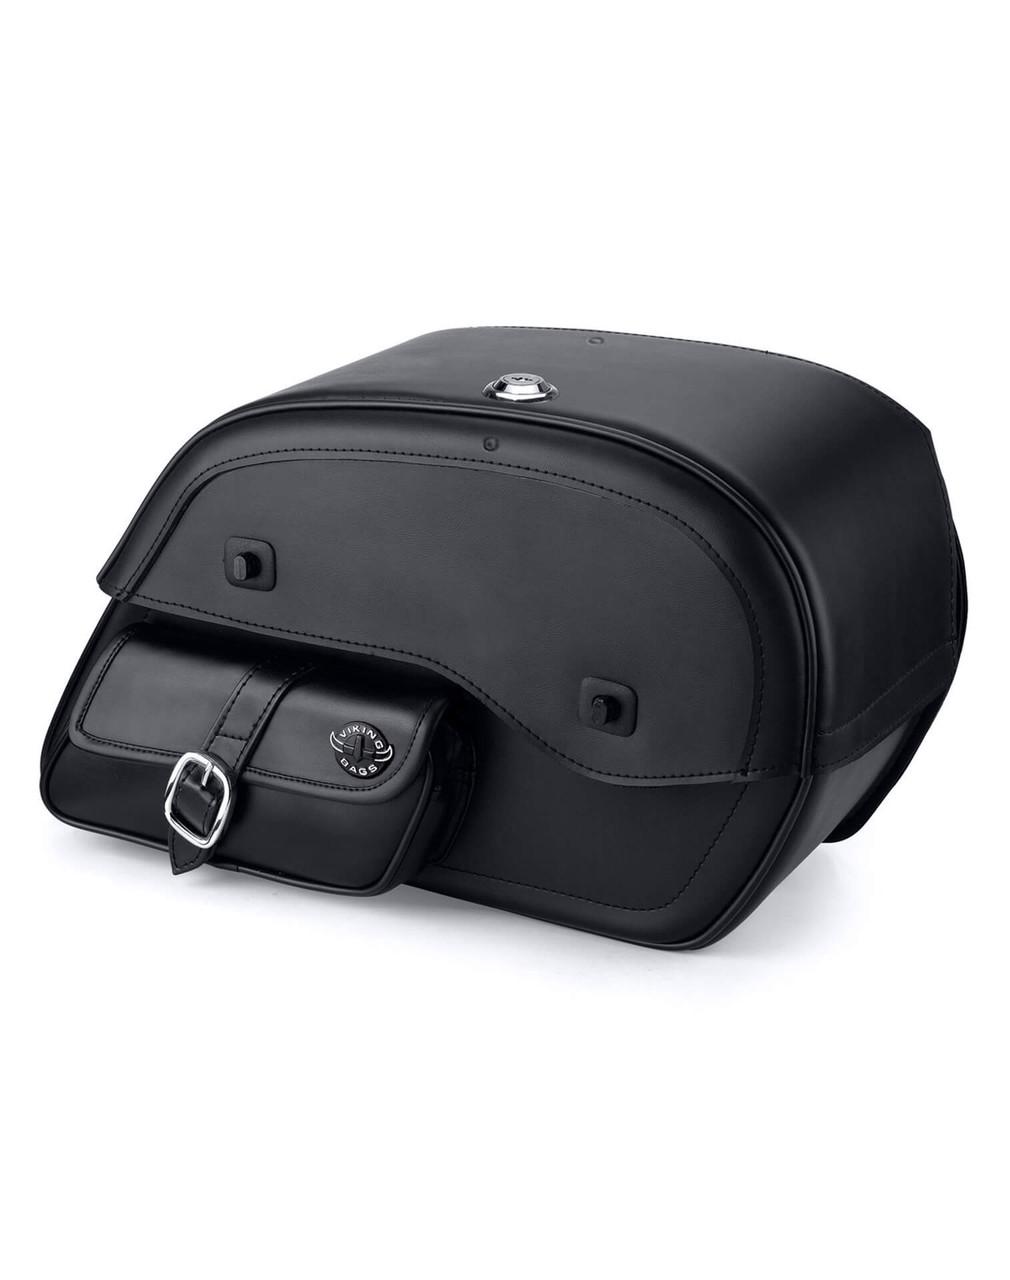 Honda Magna 750 Charger Side Pocket With Shock Cutout Motorcycle Saddlebags Main bag view